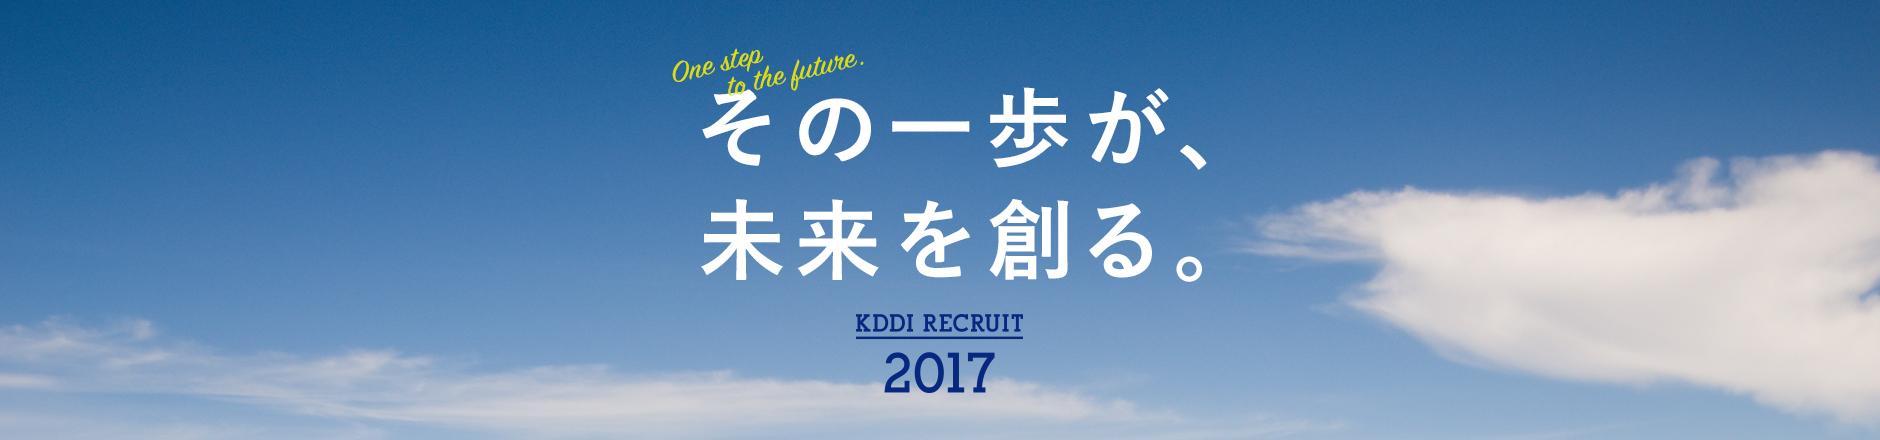 その一歩が、未来を創る。KDDI RECRUIT 2017